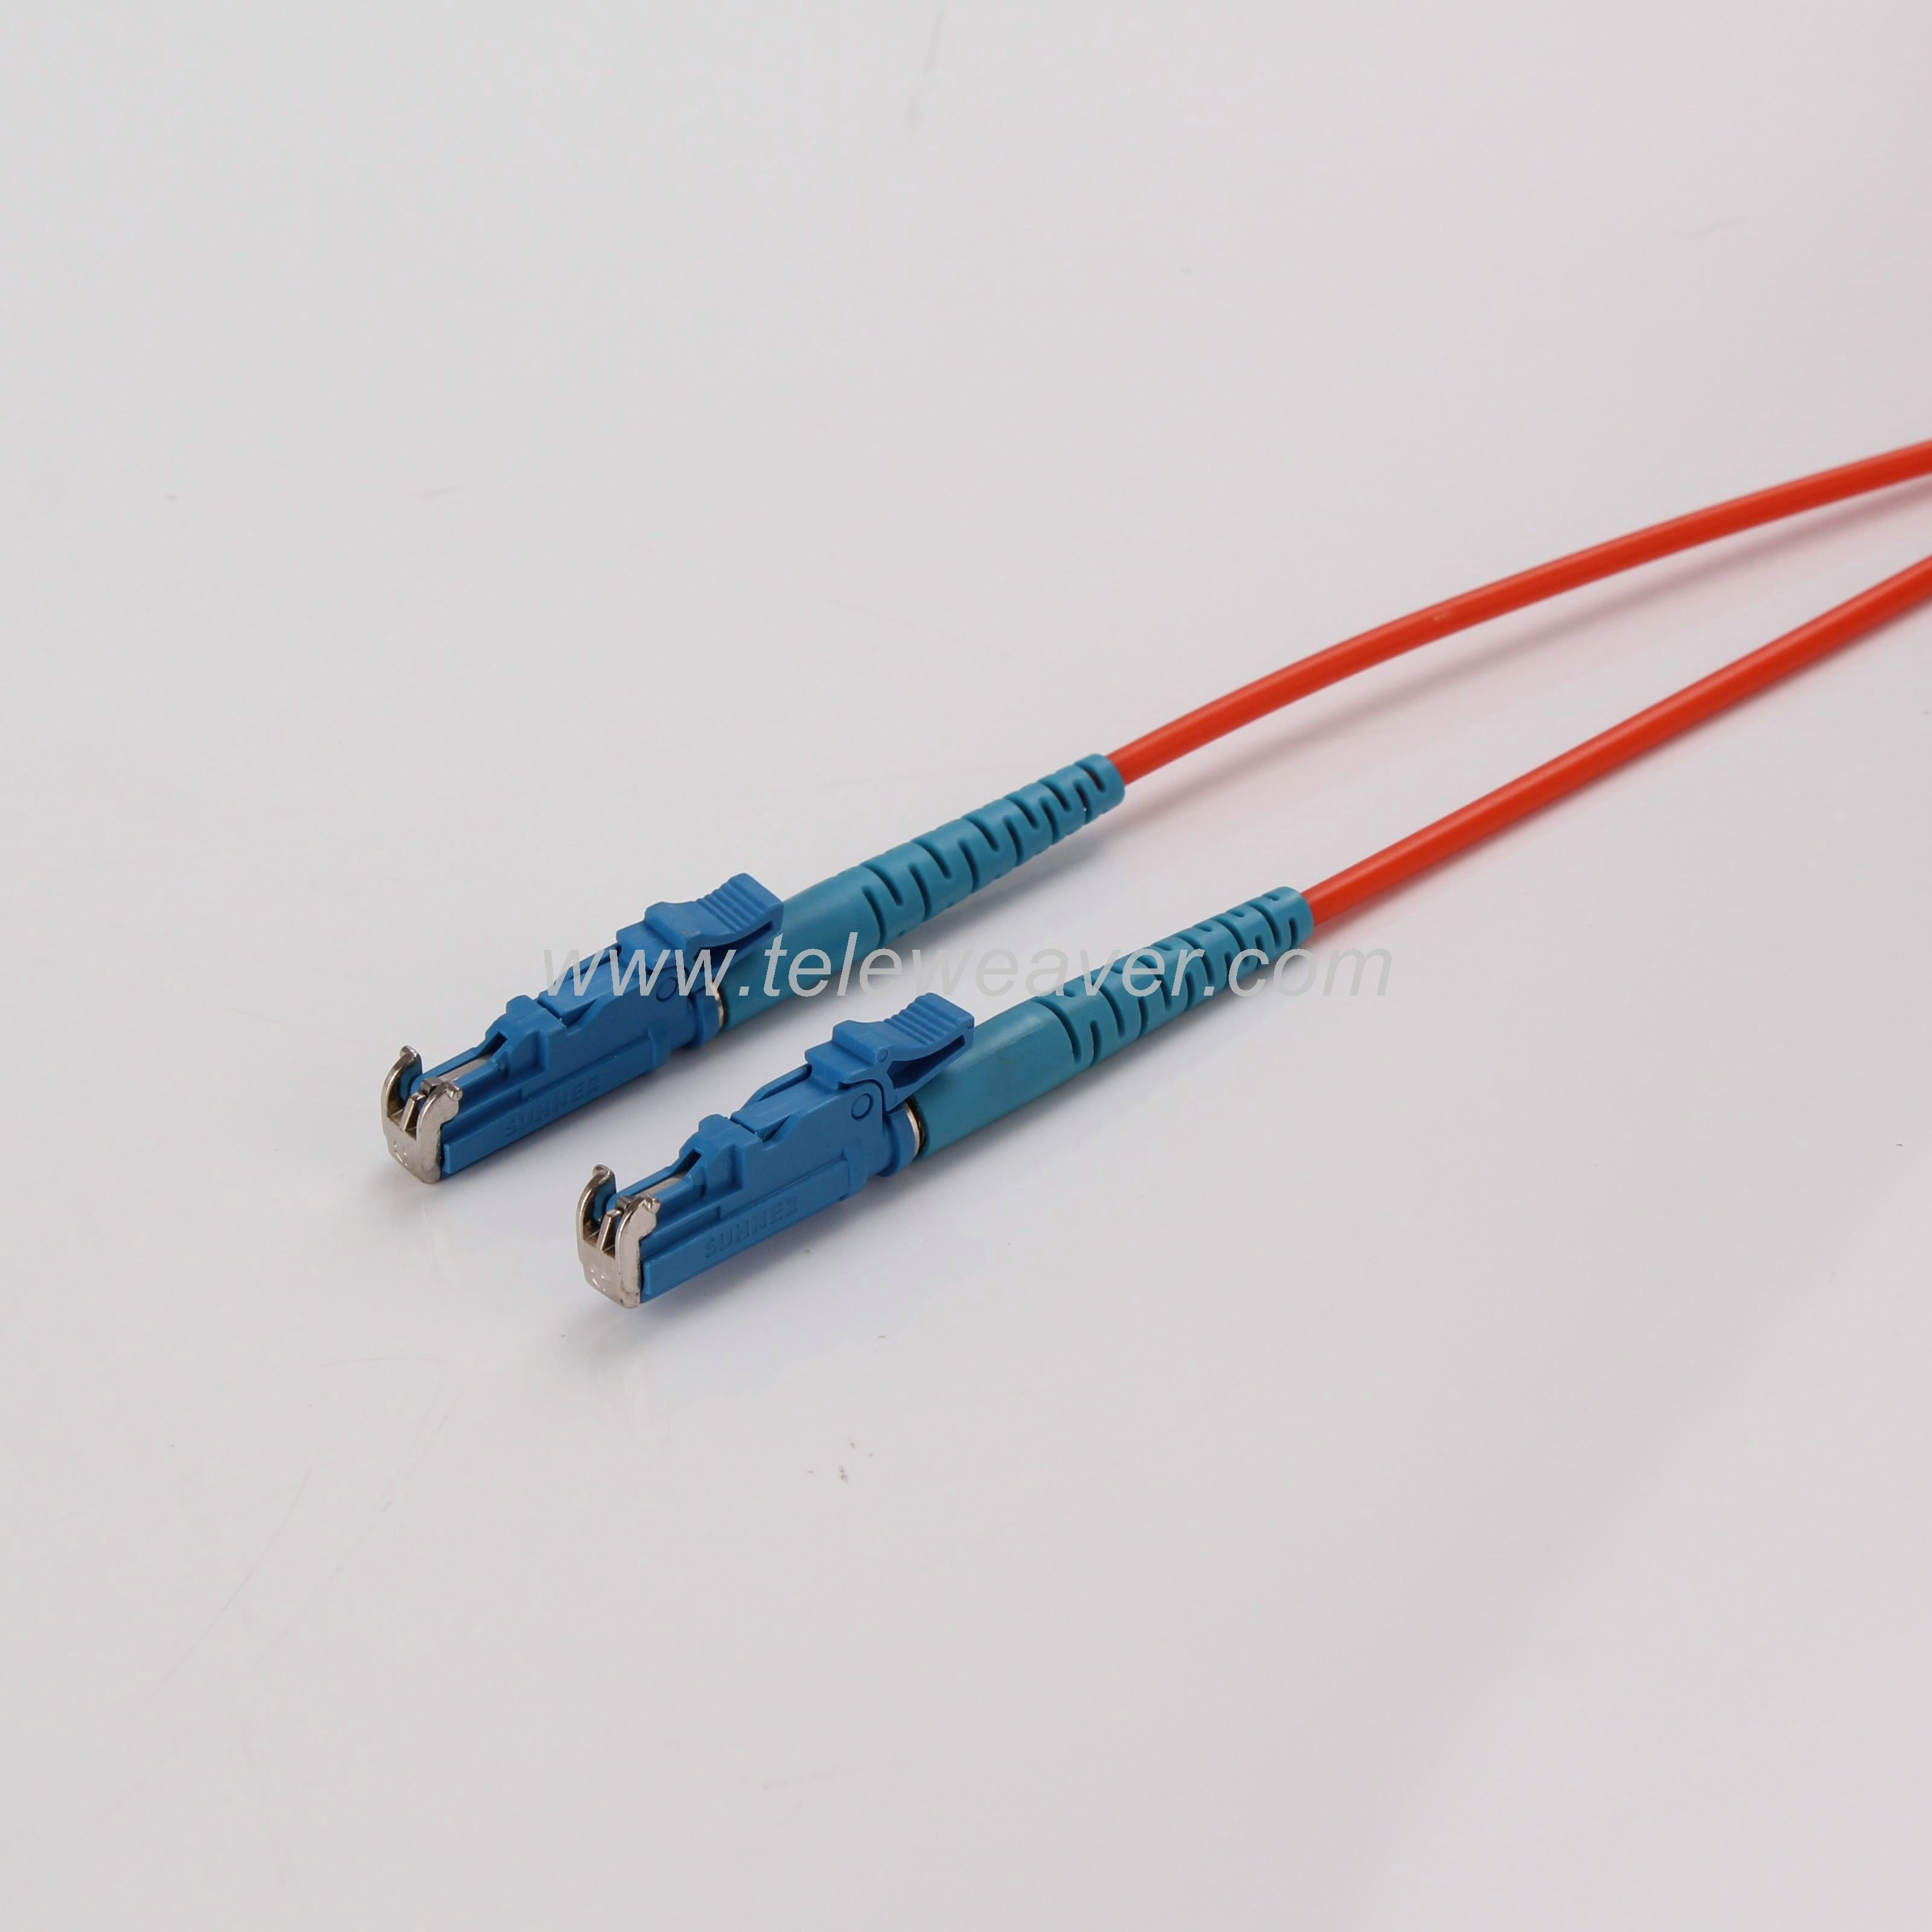 E2000 Pc Simplex 50 125um Multimode Om2 Fiber Optic Patch Cord Patch Cord Fiber Optic Fiber